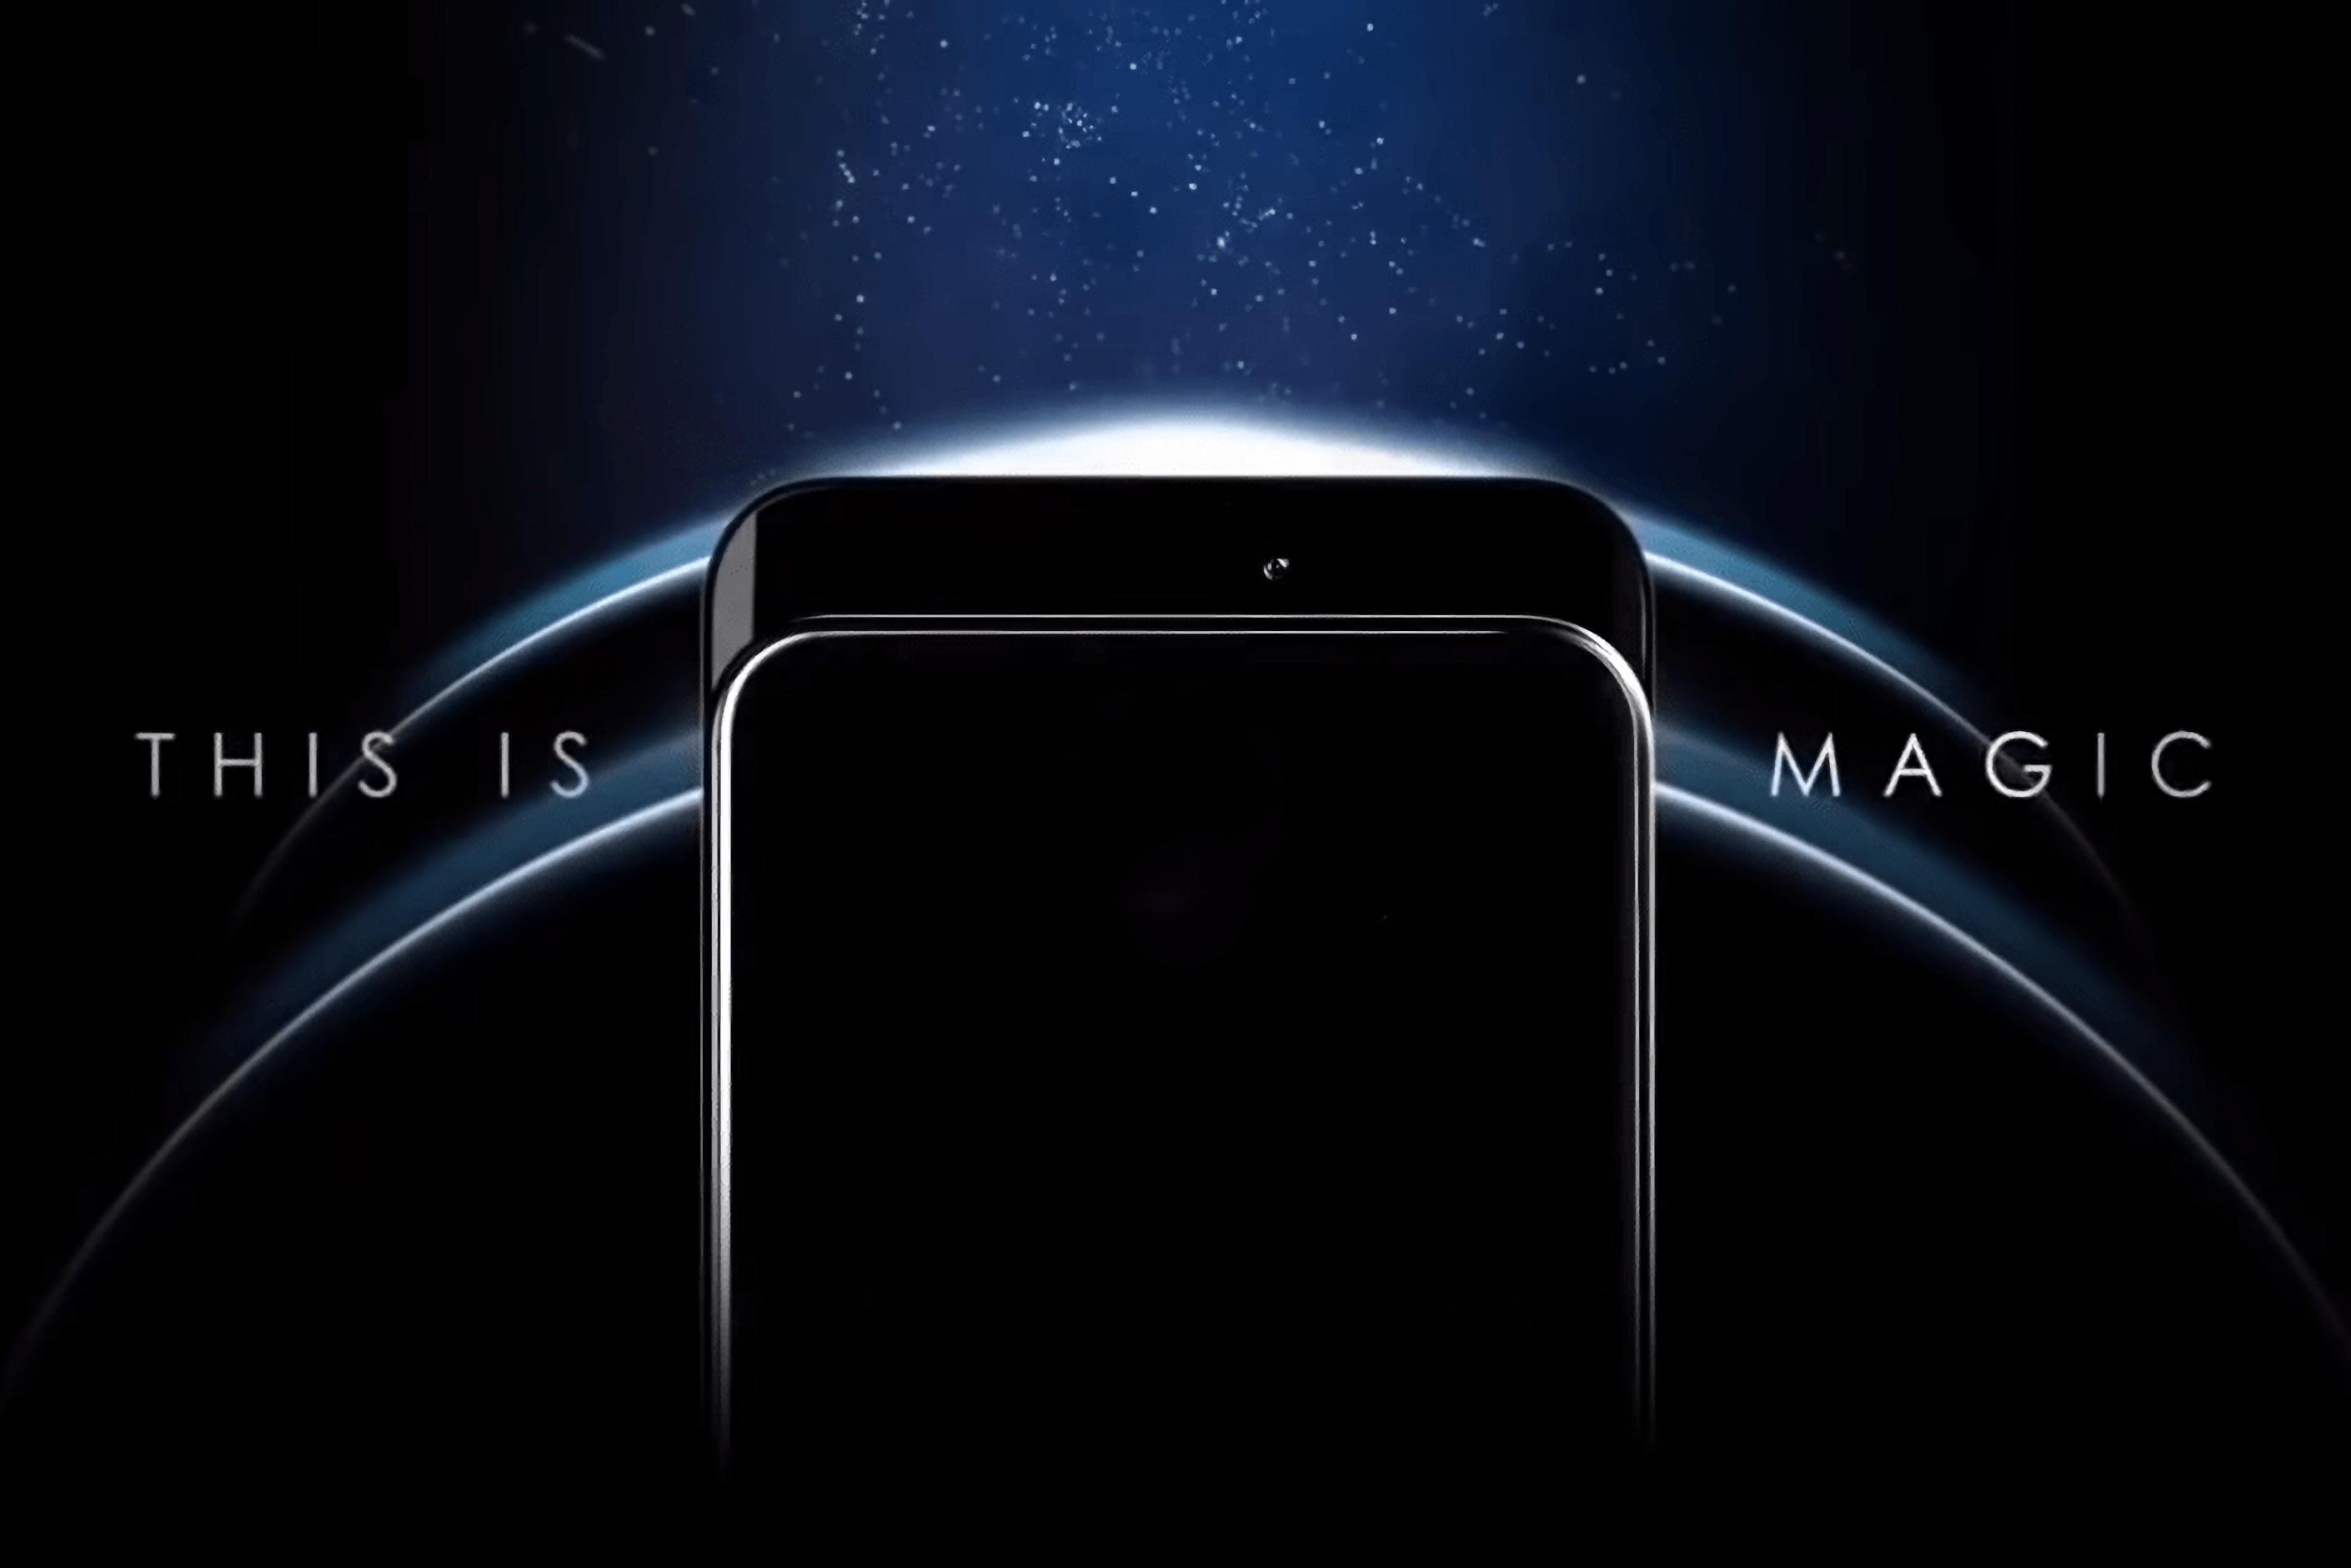 Инсайдер: Honor в августе планирует выпустить флагманский смартфон с чипом Snapdragon 888 Pro (aka Snapdragon 888 Plus)